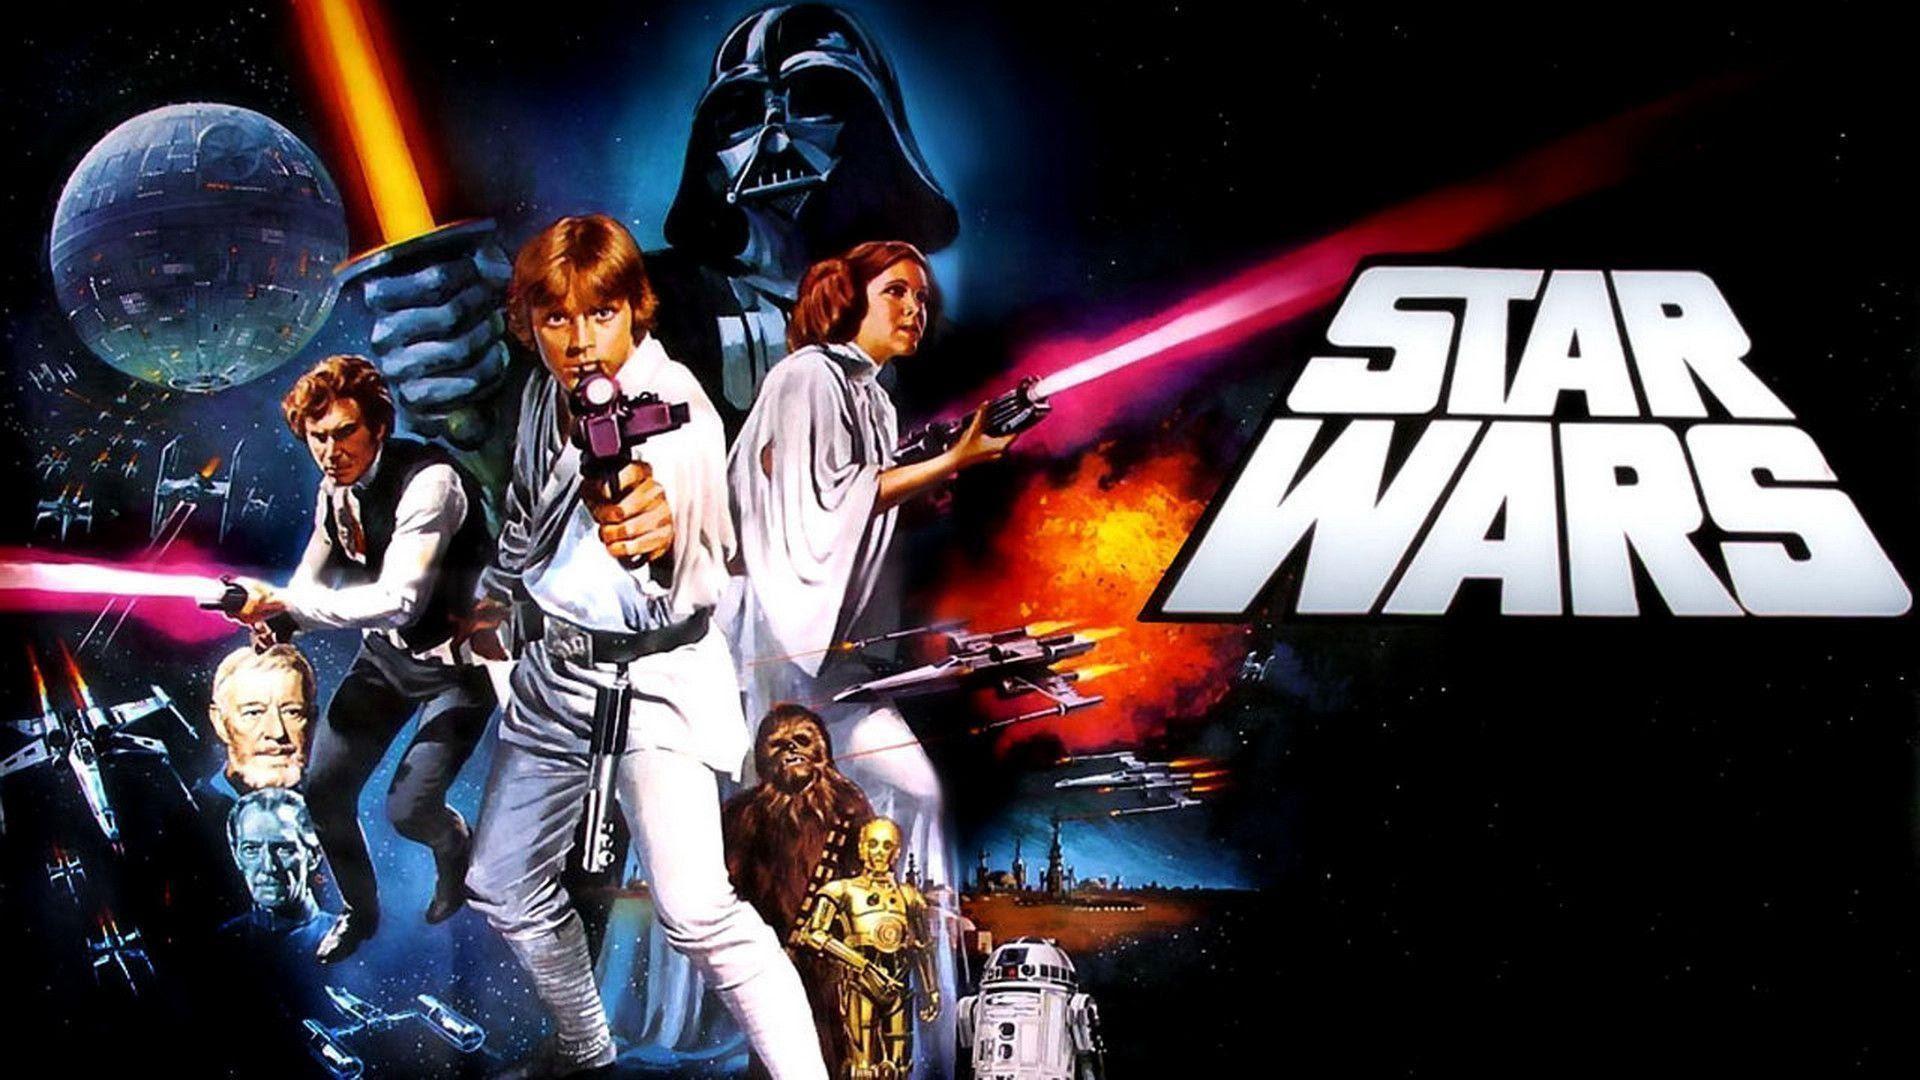 Star Wars Episode 4 Wallpaper 76 Images